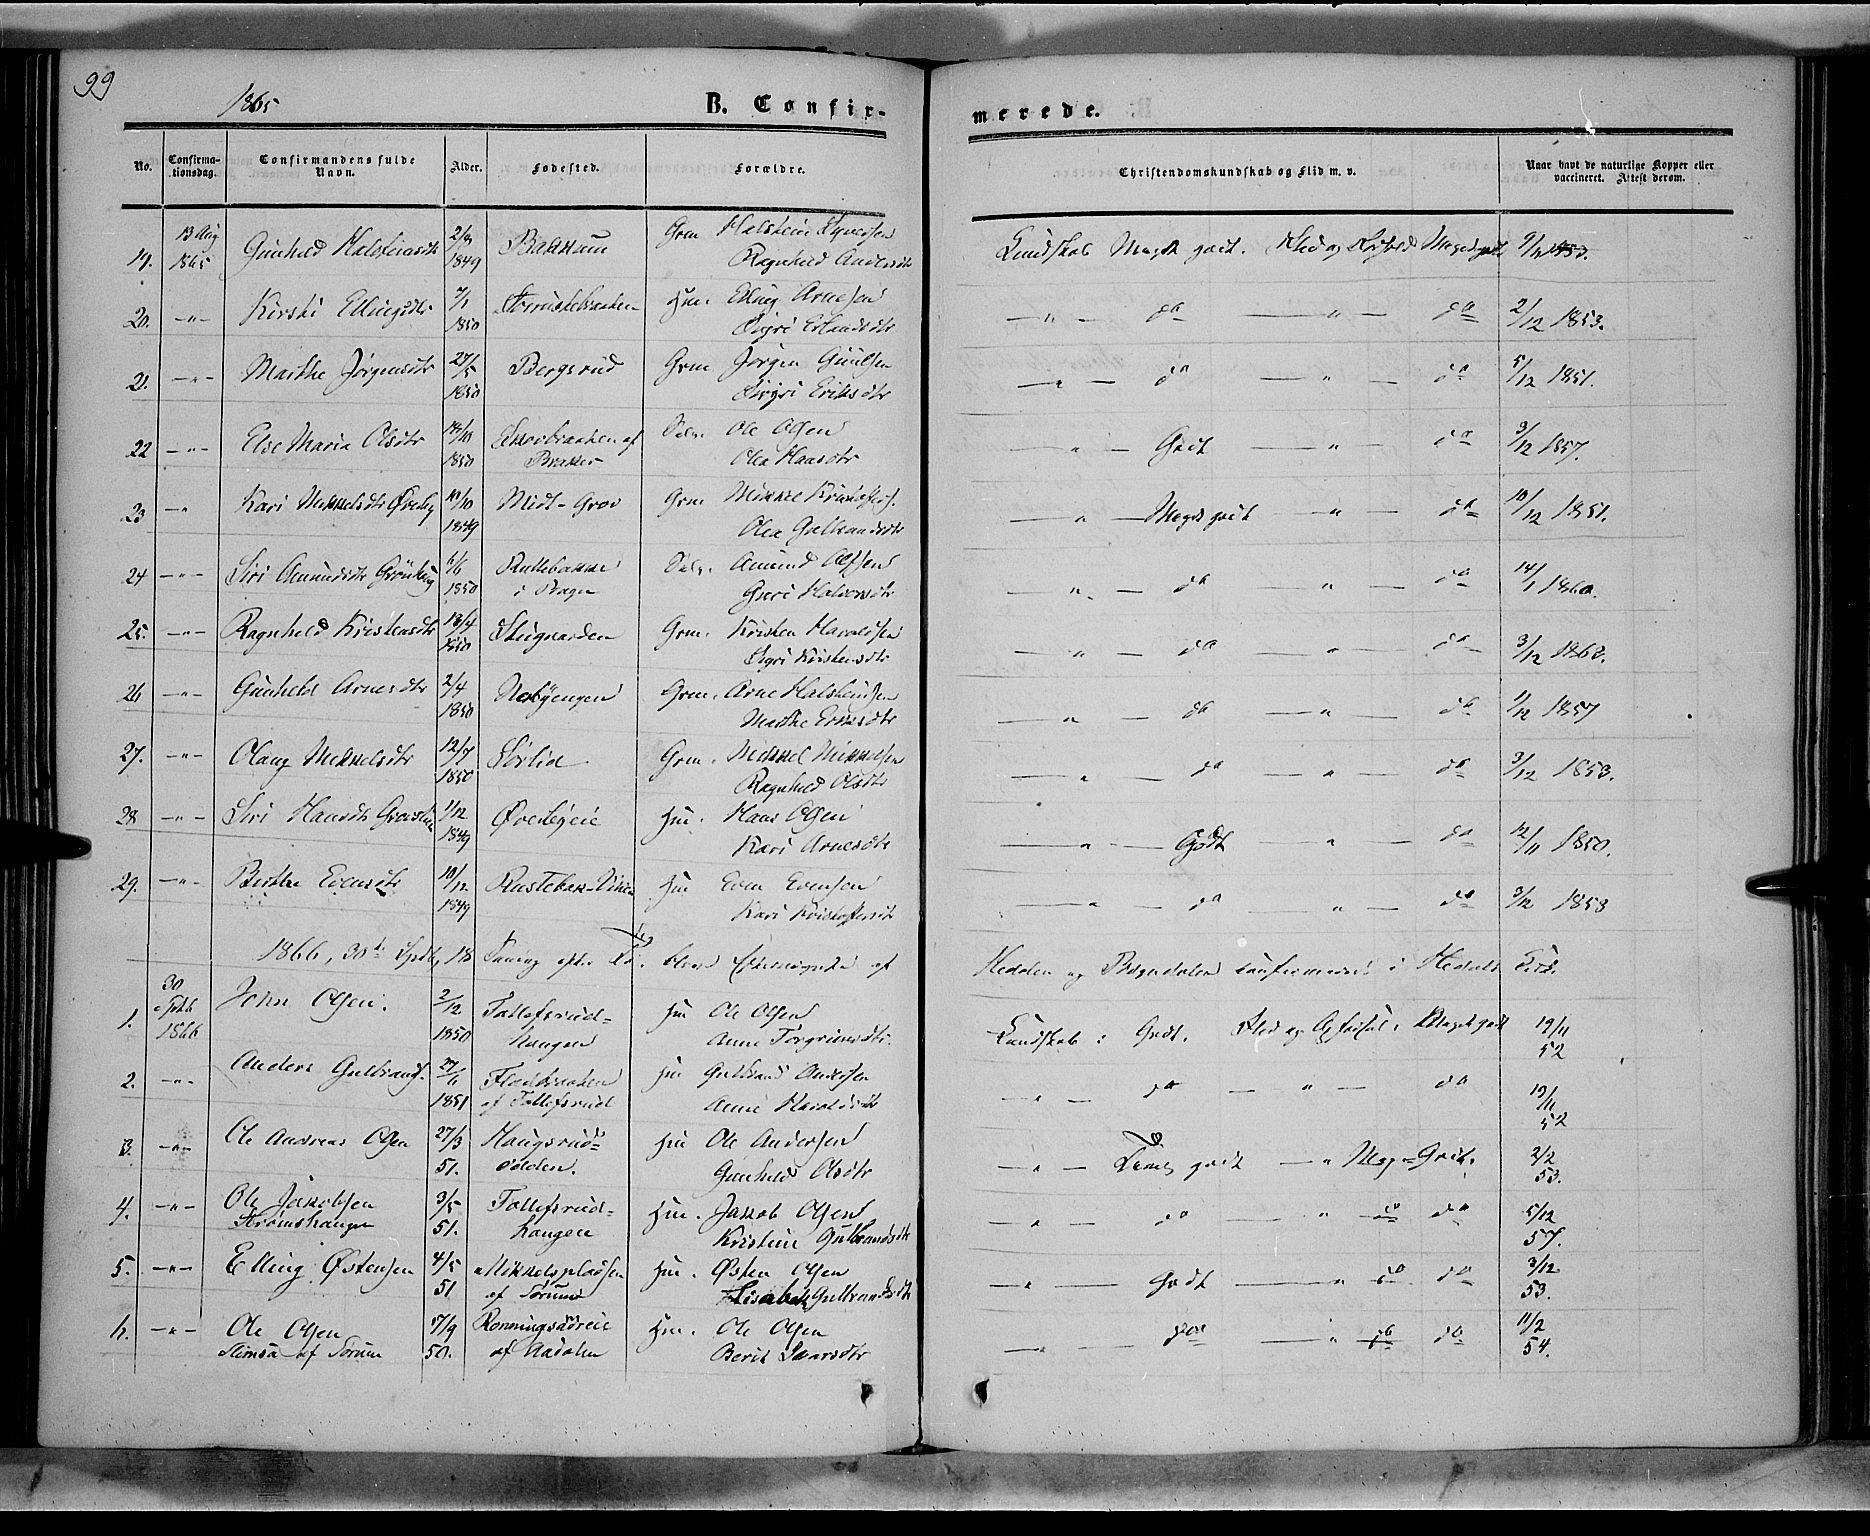 SAH, Sør-Aurdal prestekontor, Ministerialbok nr. 7, 1849-1876, s. 99